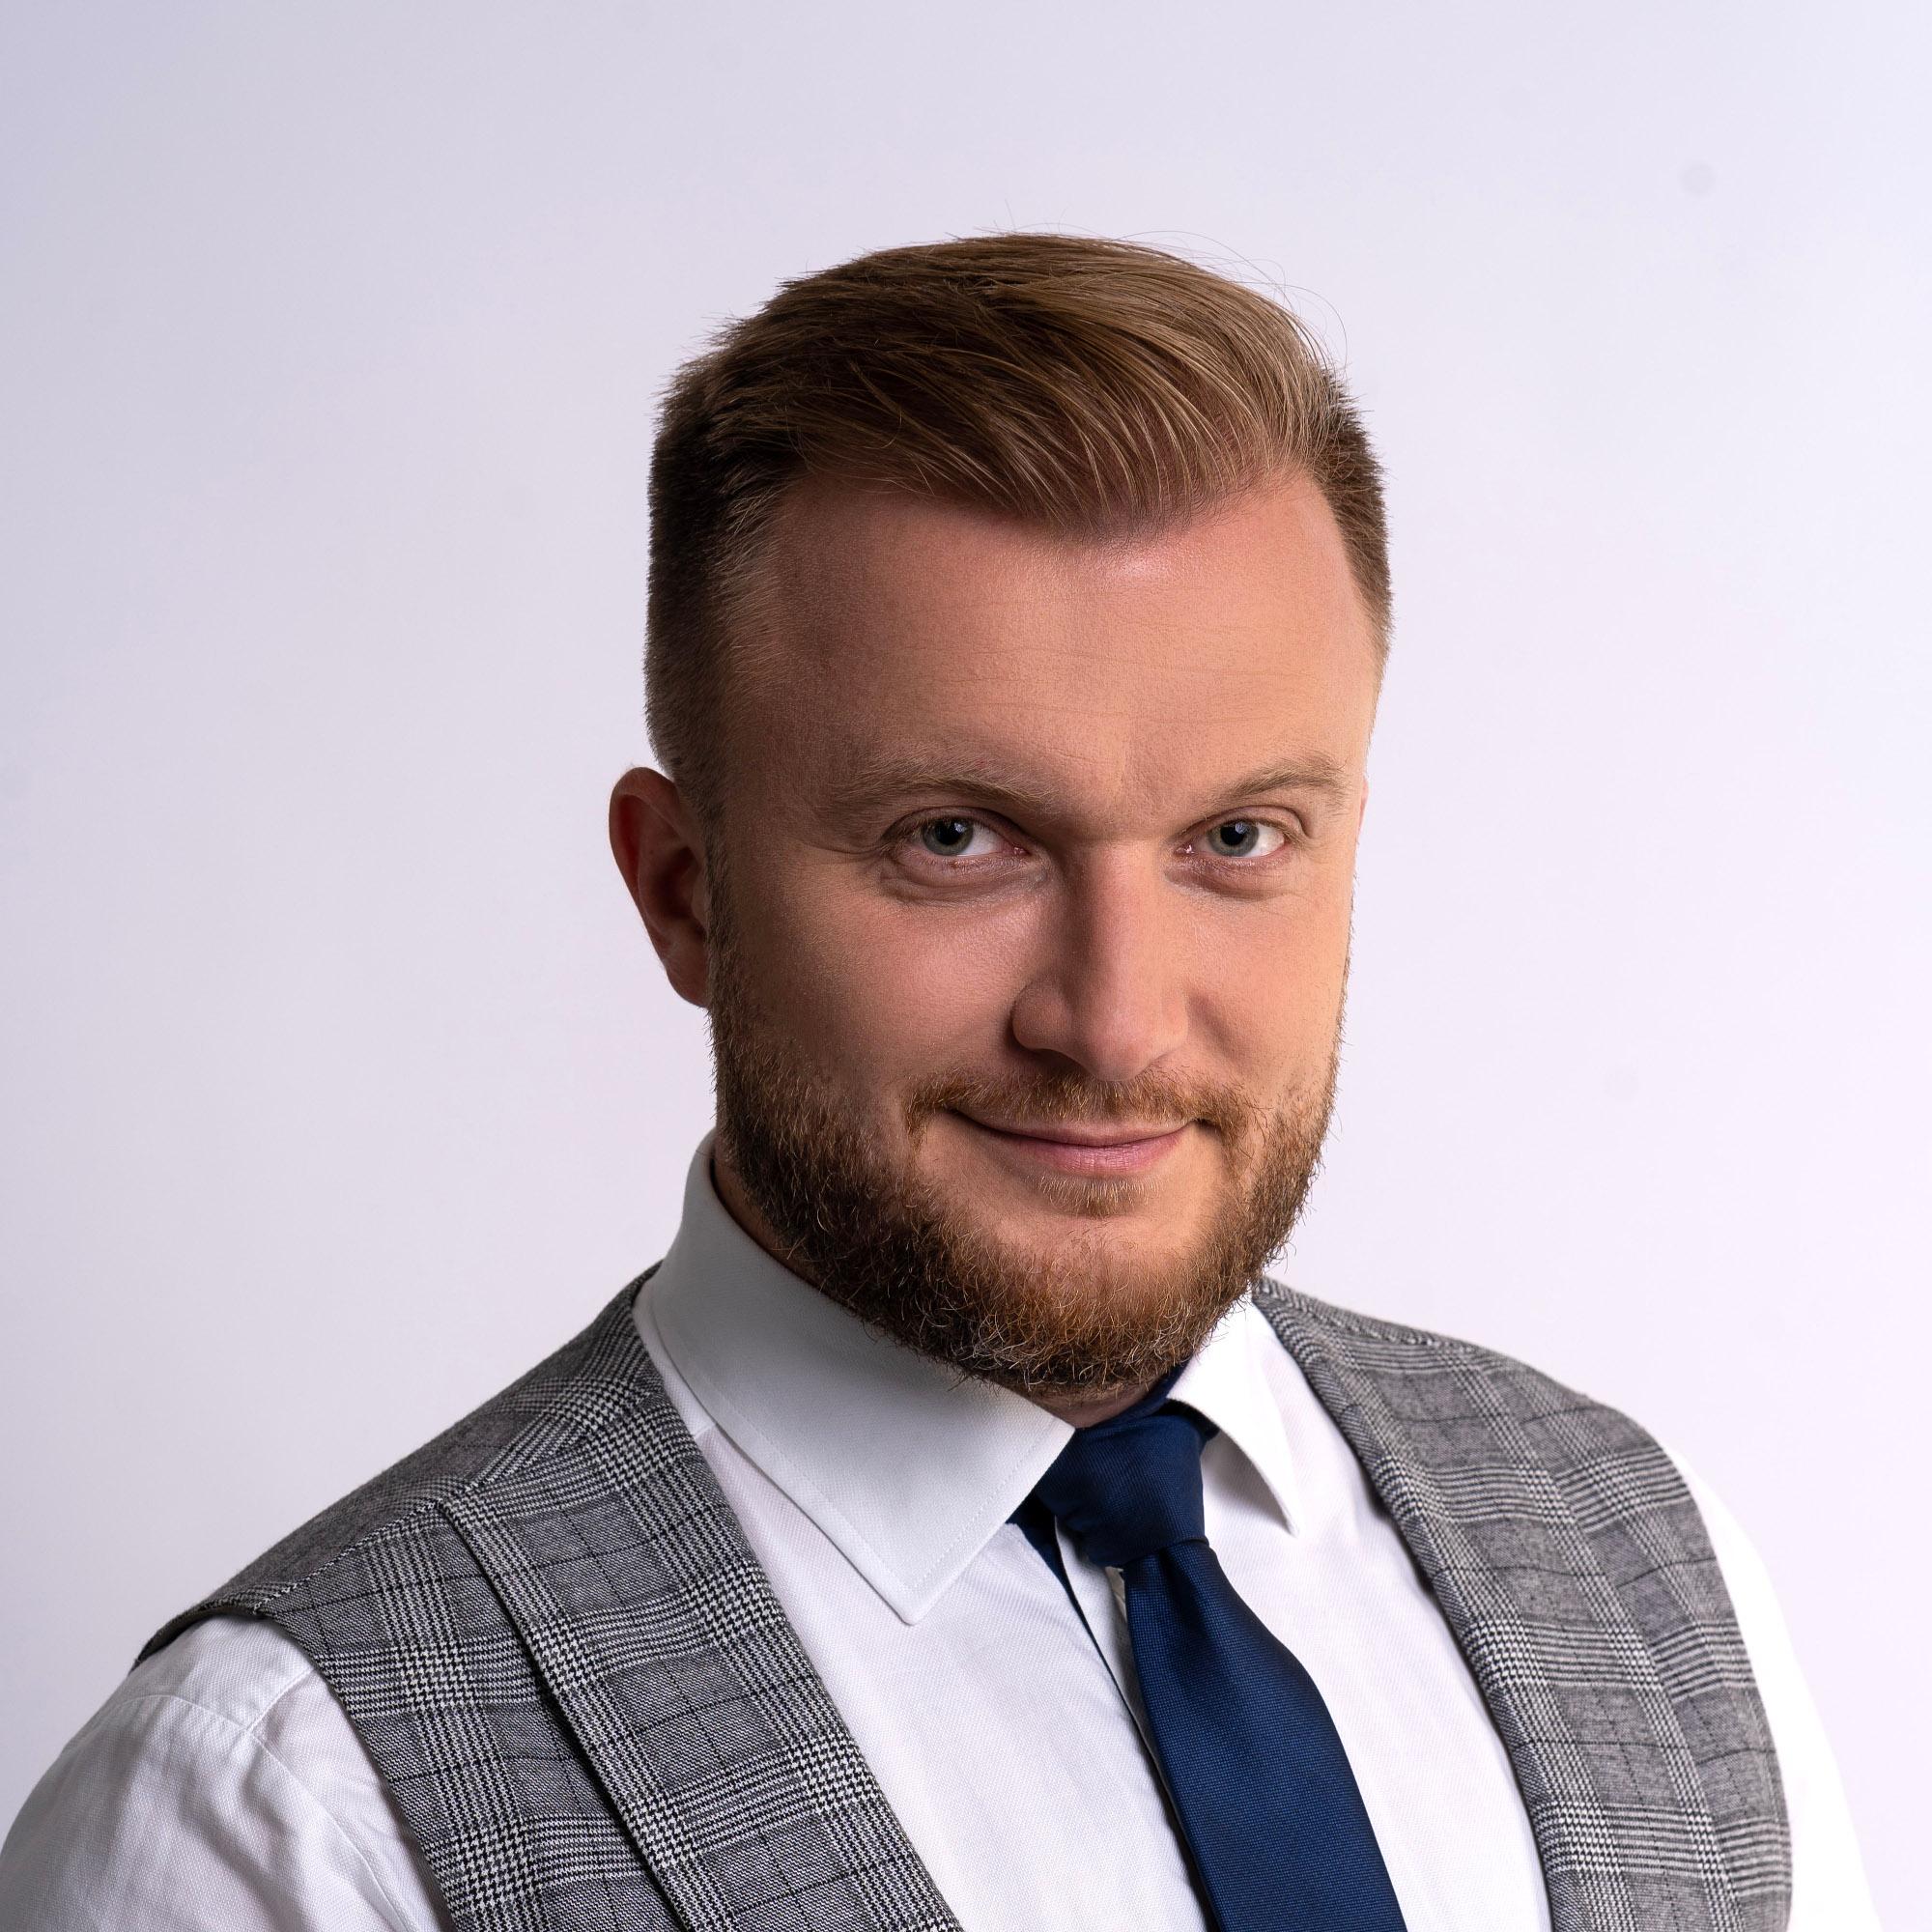 Adrian Gorzycki Webinar Experts